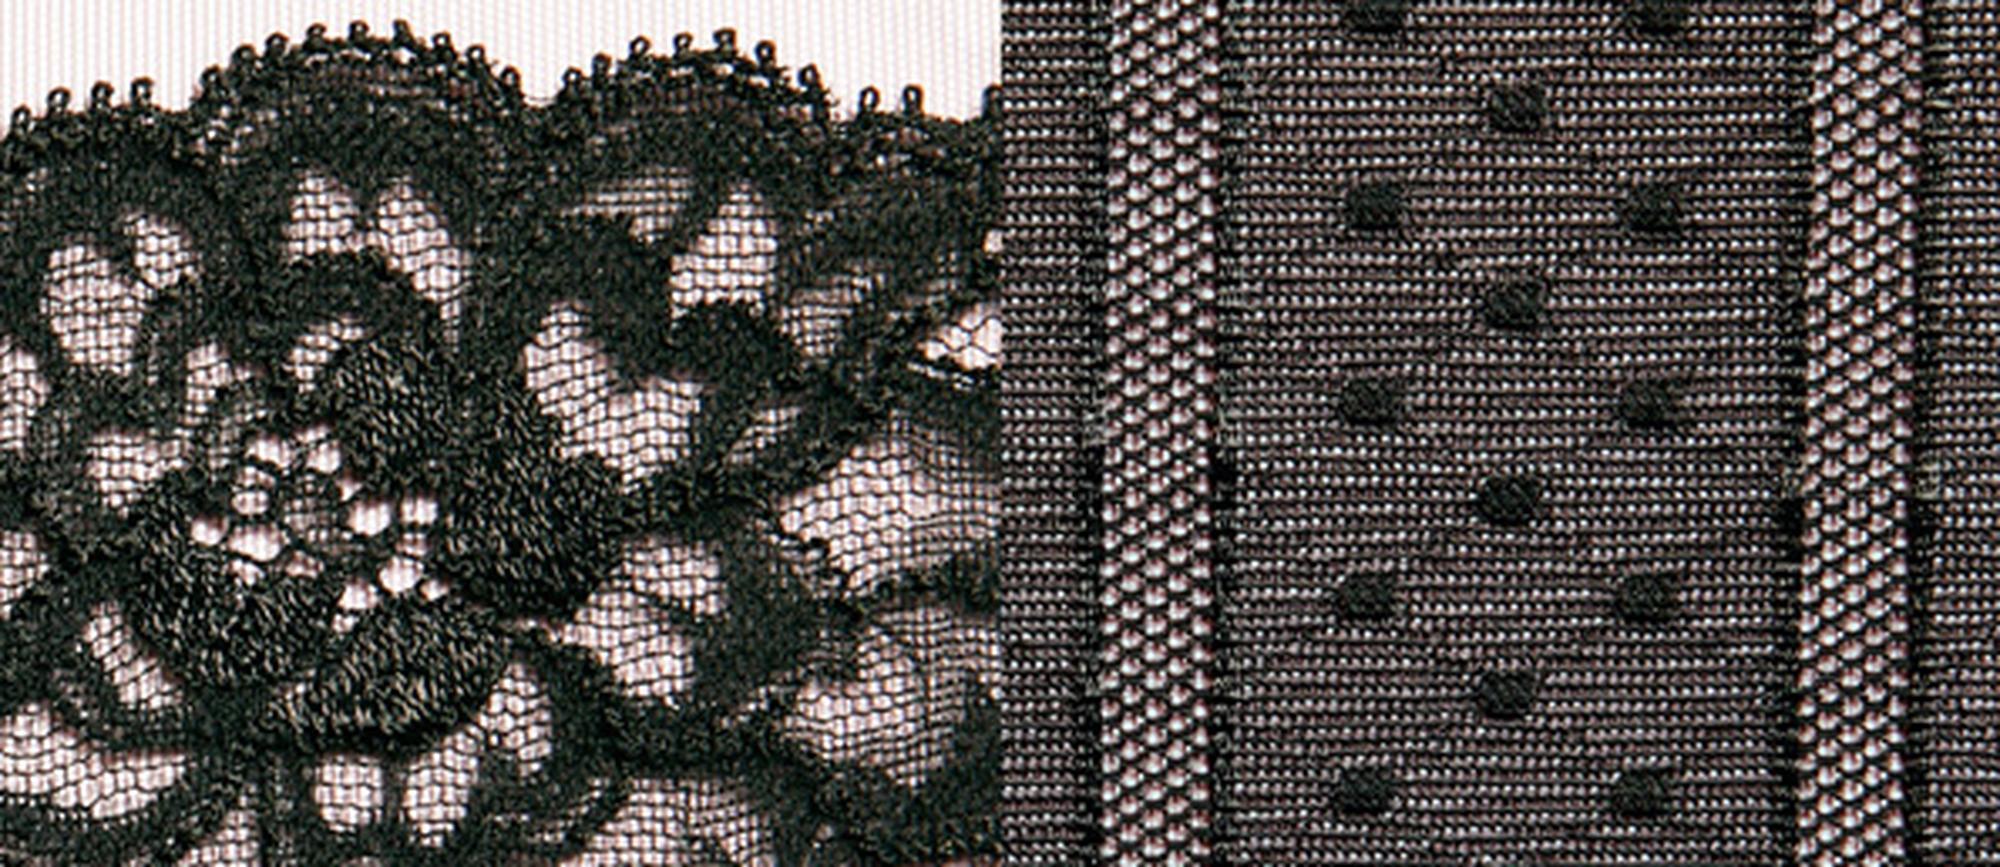 fa-6258-zwa-2000-0-72-rgb.jpg